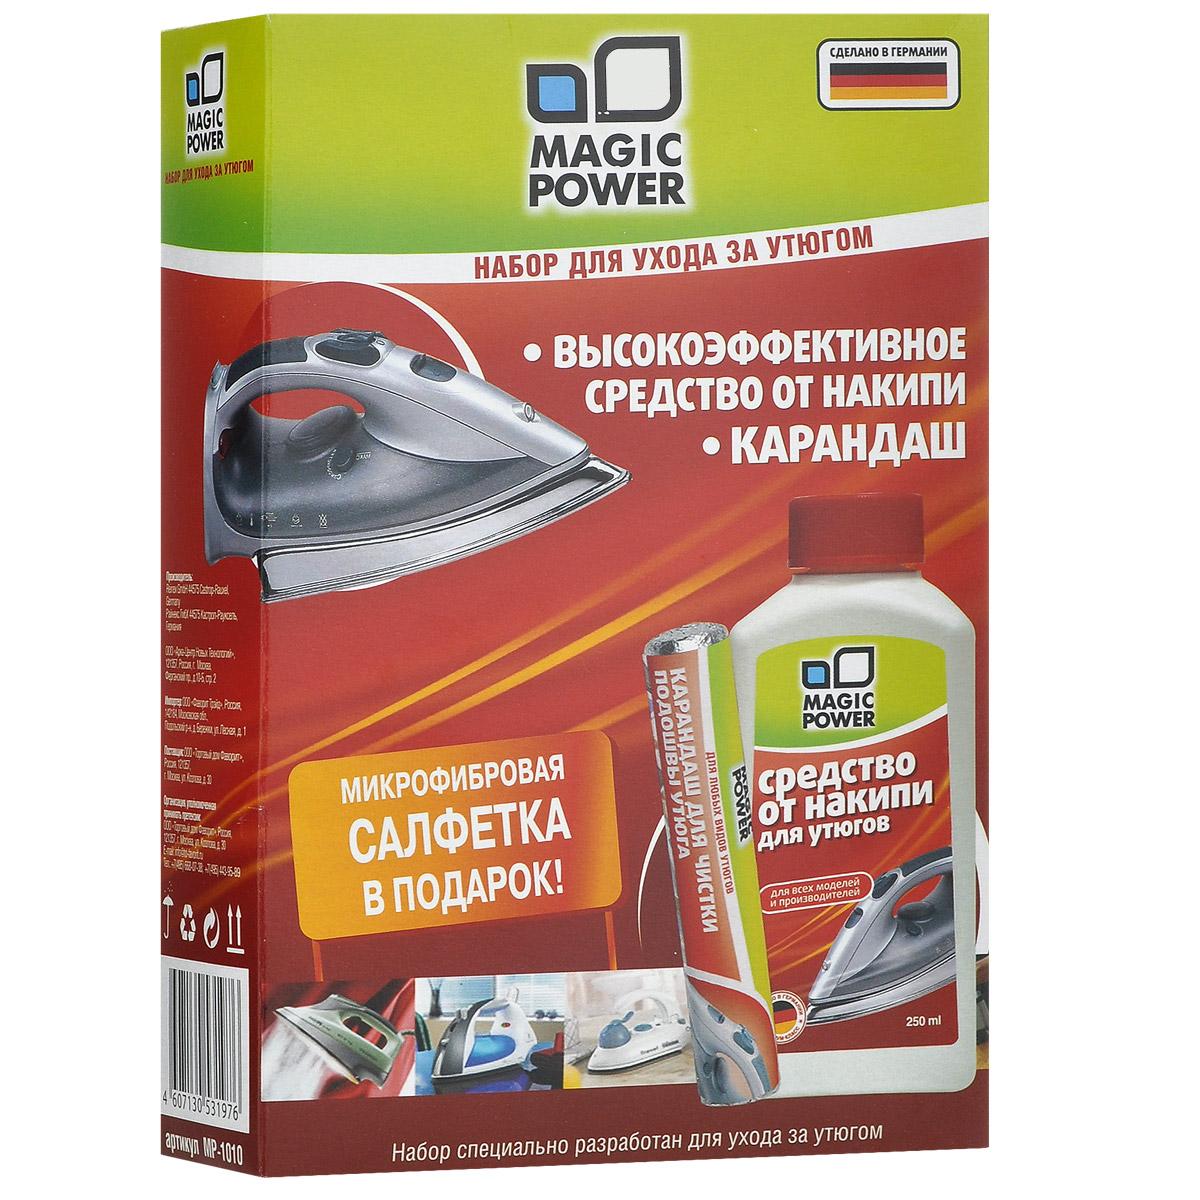 Набор для ухода за утюгом Magic Power, 2 предмета + ПОДАРОК: Микрофибровая салфетка130416Набор для ухода за утюгом Magic Power состоит из средства от накипи и карандаша. Средство от накипи для утюгов эффективно удаляет накипь и известковые отложения на нагревательных элементах утюгов. Защищает и улучшает их работу. Продукт не токсичен. Карандаш для чистки подошвы утюга очищает подошву утюгов от загрязнений, улучшает скольжение утюга по ткани, не оставляет царапин и следов. Подходит для любых моделей утюгов. Идеален для чистки утюгов с тефлоновым покрытием. В подарок - салфетка из микрофибры. Специальная салфетка предназначена для удаления с поверхности утюга любых загрязнений, в том числе остатков чистящего карандаша с разогретой гладящей поверхности. В наборе Magic Power есть все необходимое для качественного ухода за утюгом.Товар сертифицирован.